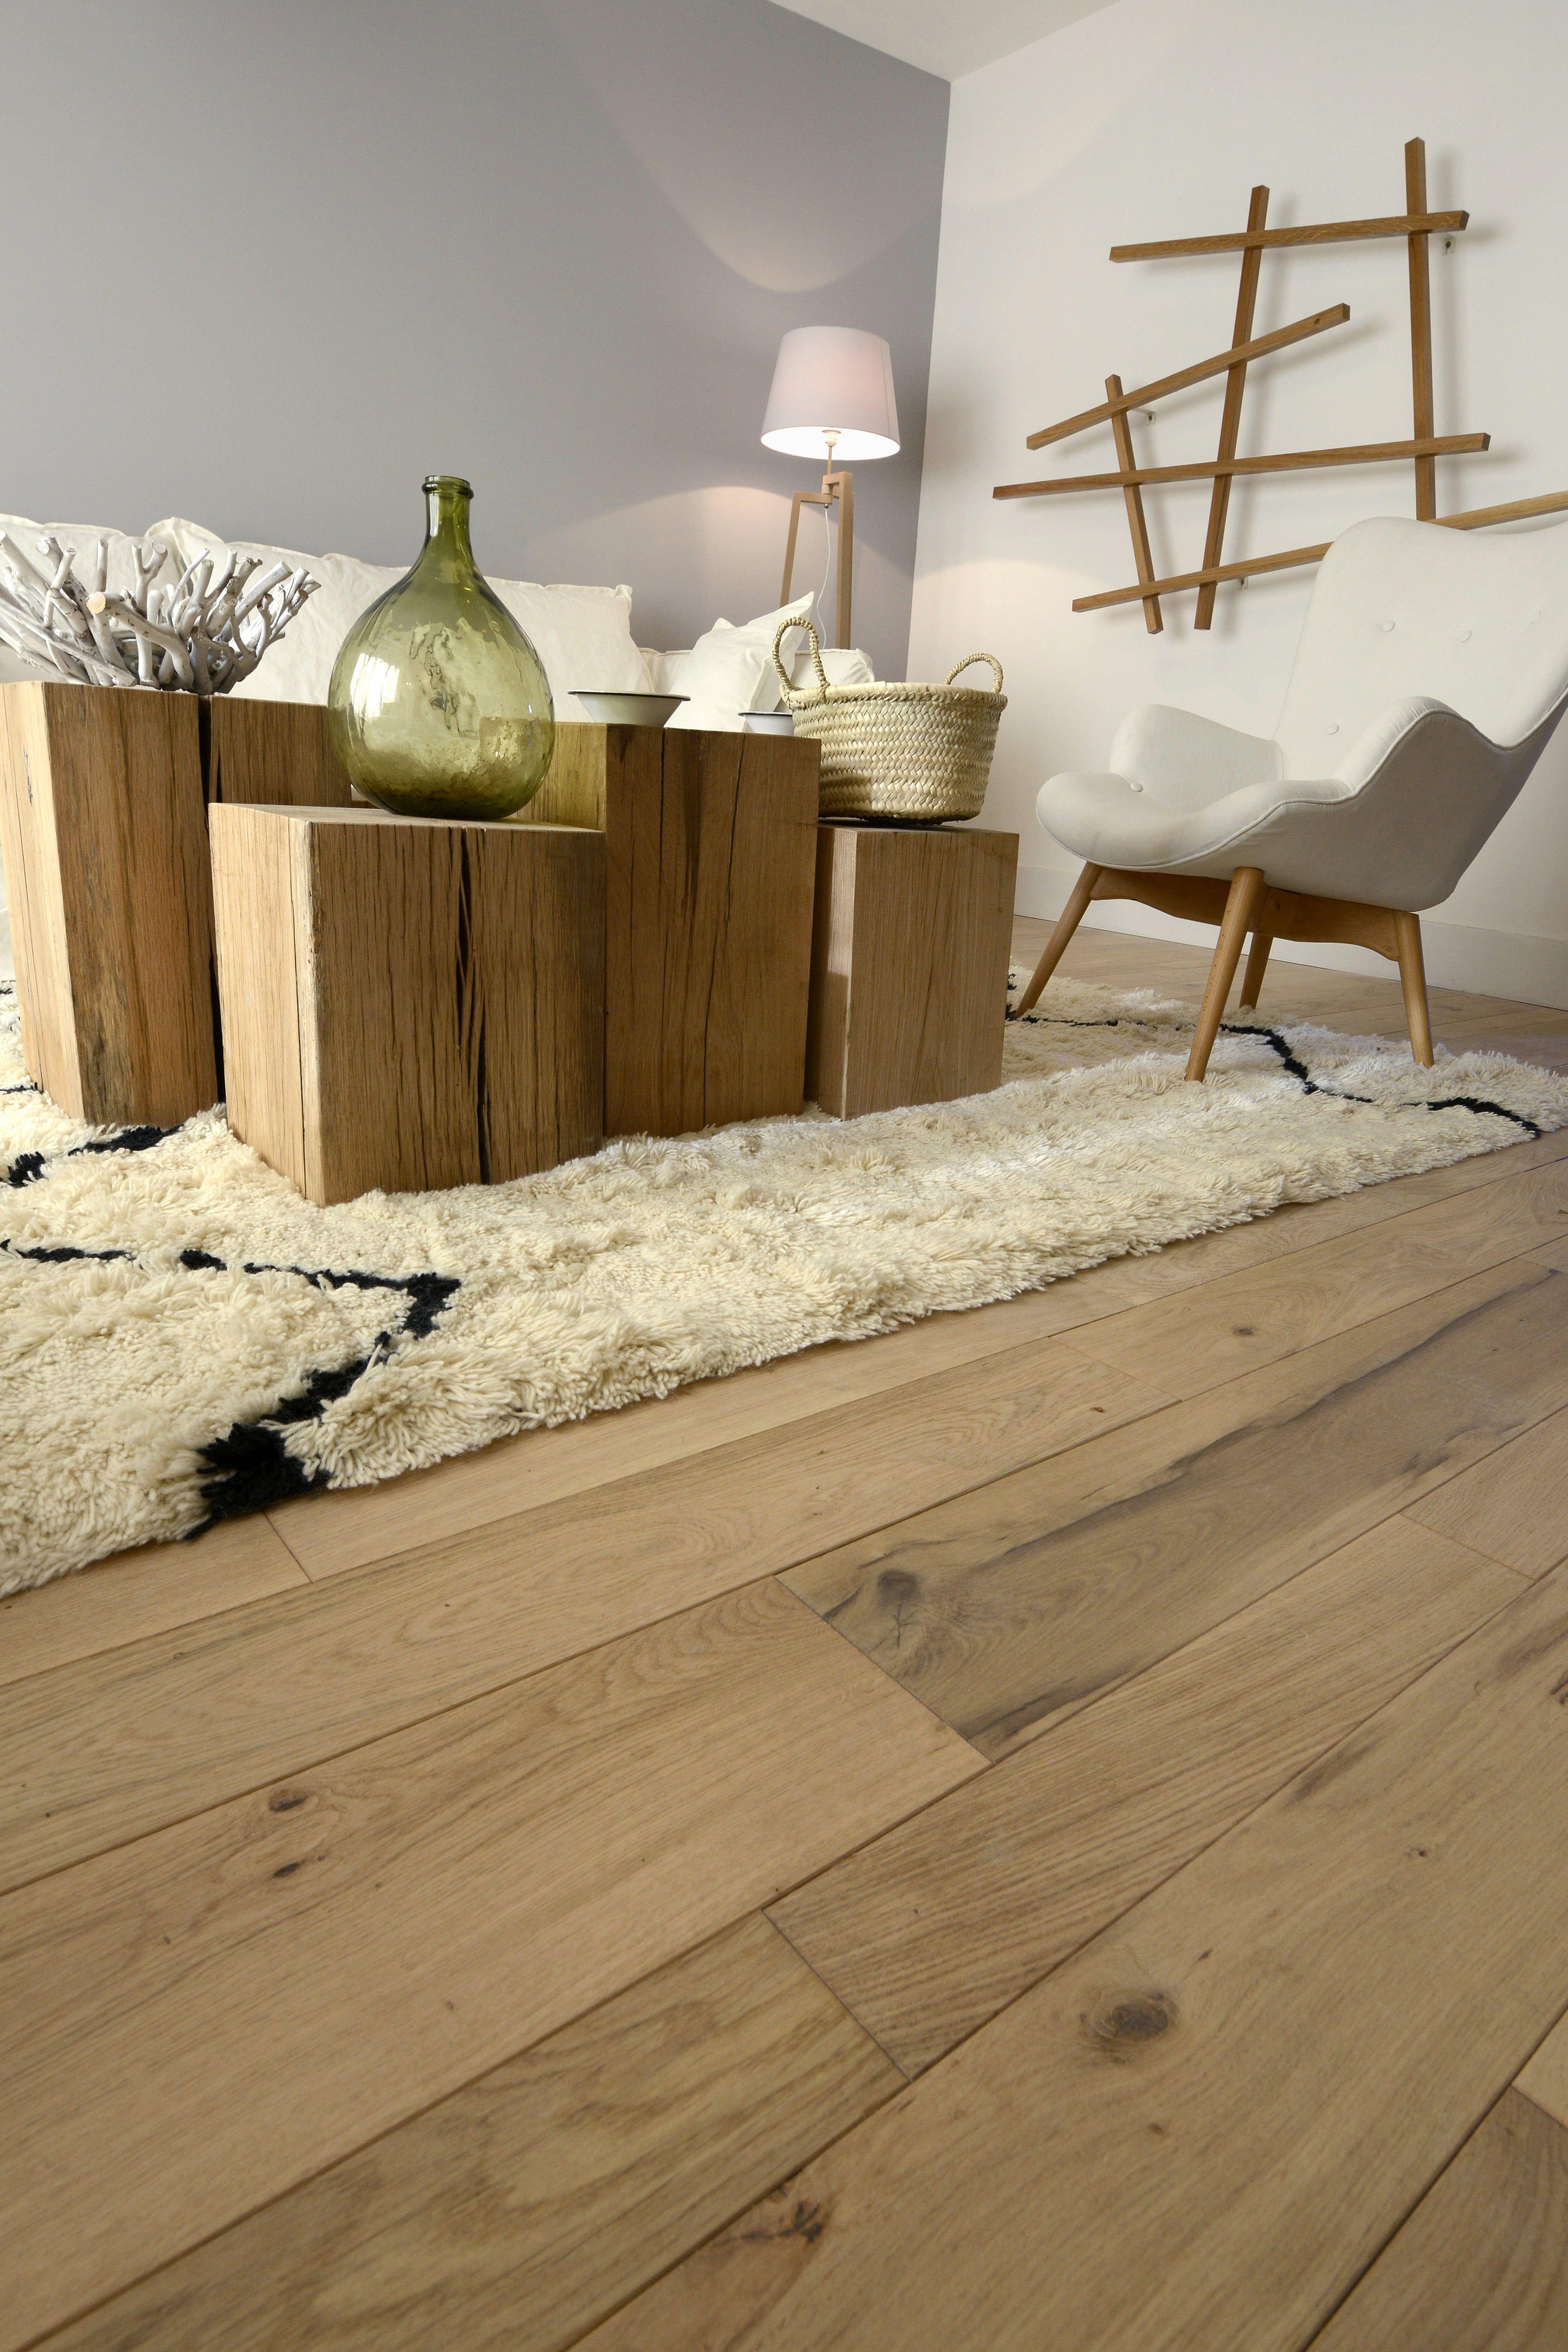 Table Basse Stylée 👌🏻 | Déco Salon, Déco Maison, Parquet ... à La Maison Du Parquet